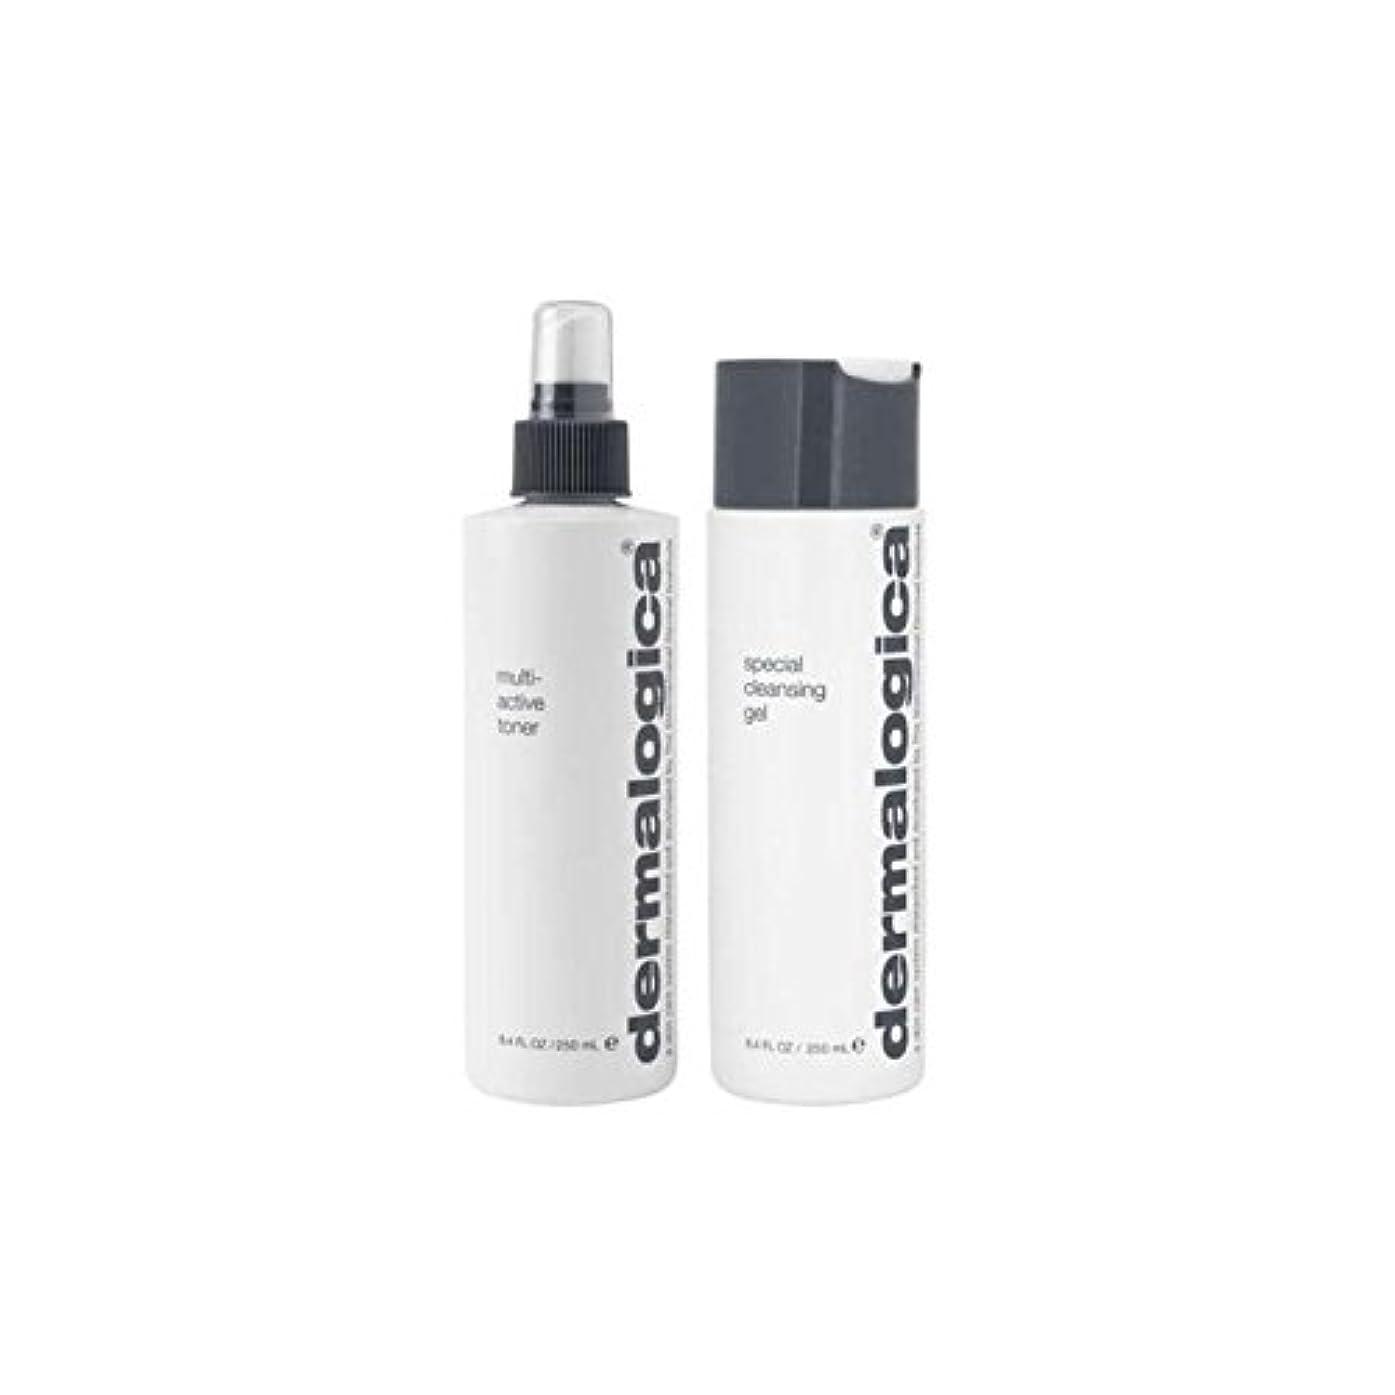 好む注入汚物Dermalogica Cleanse & Tone Duo - Normal/Dry Skin (2 Products) (Pack of 6) - ダーマロジカクレンジング&トーンデュオ - ノーマル/ドライスキン(2製品) x6 [並行輸入品]